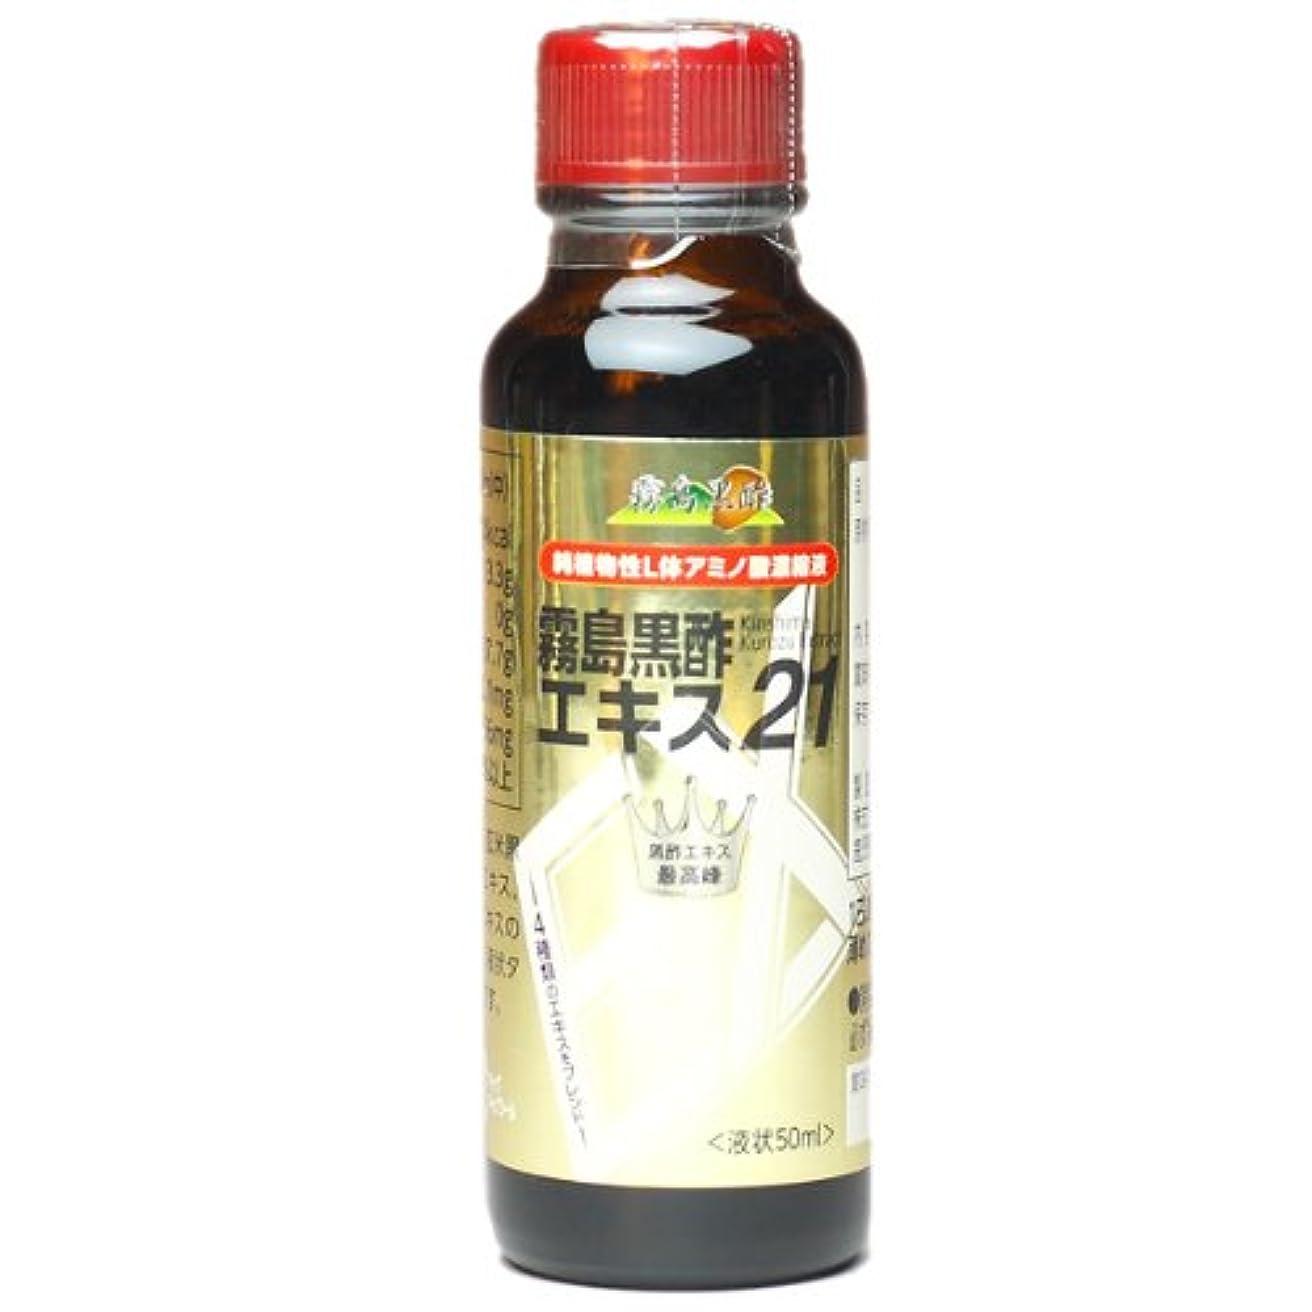 気を散らす野菜エンドテーブル霧島黒酢 エキス21 50ml